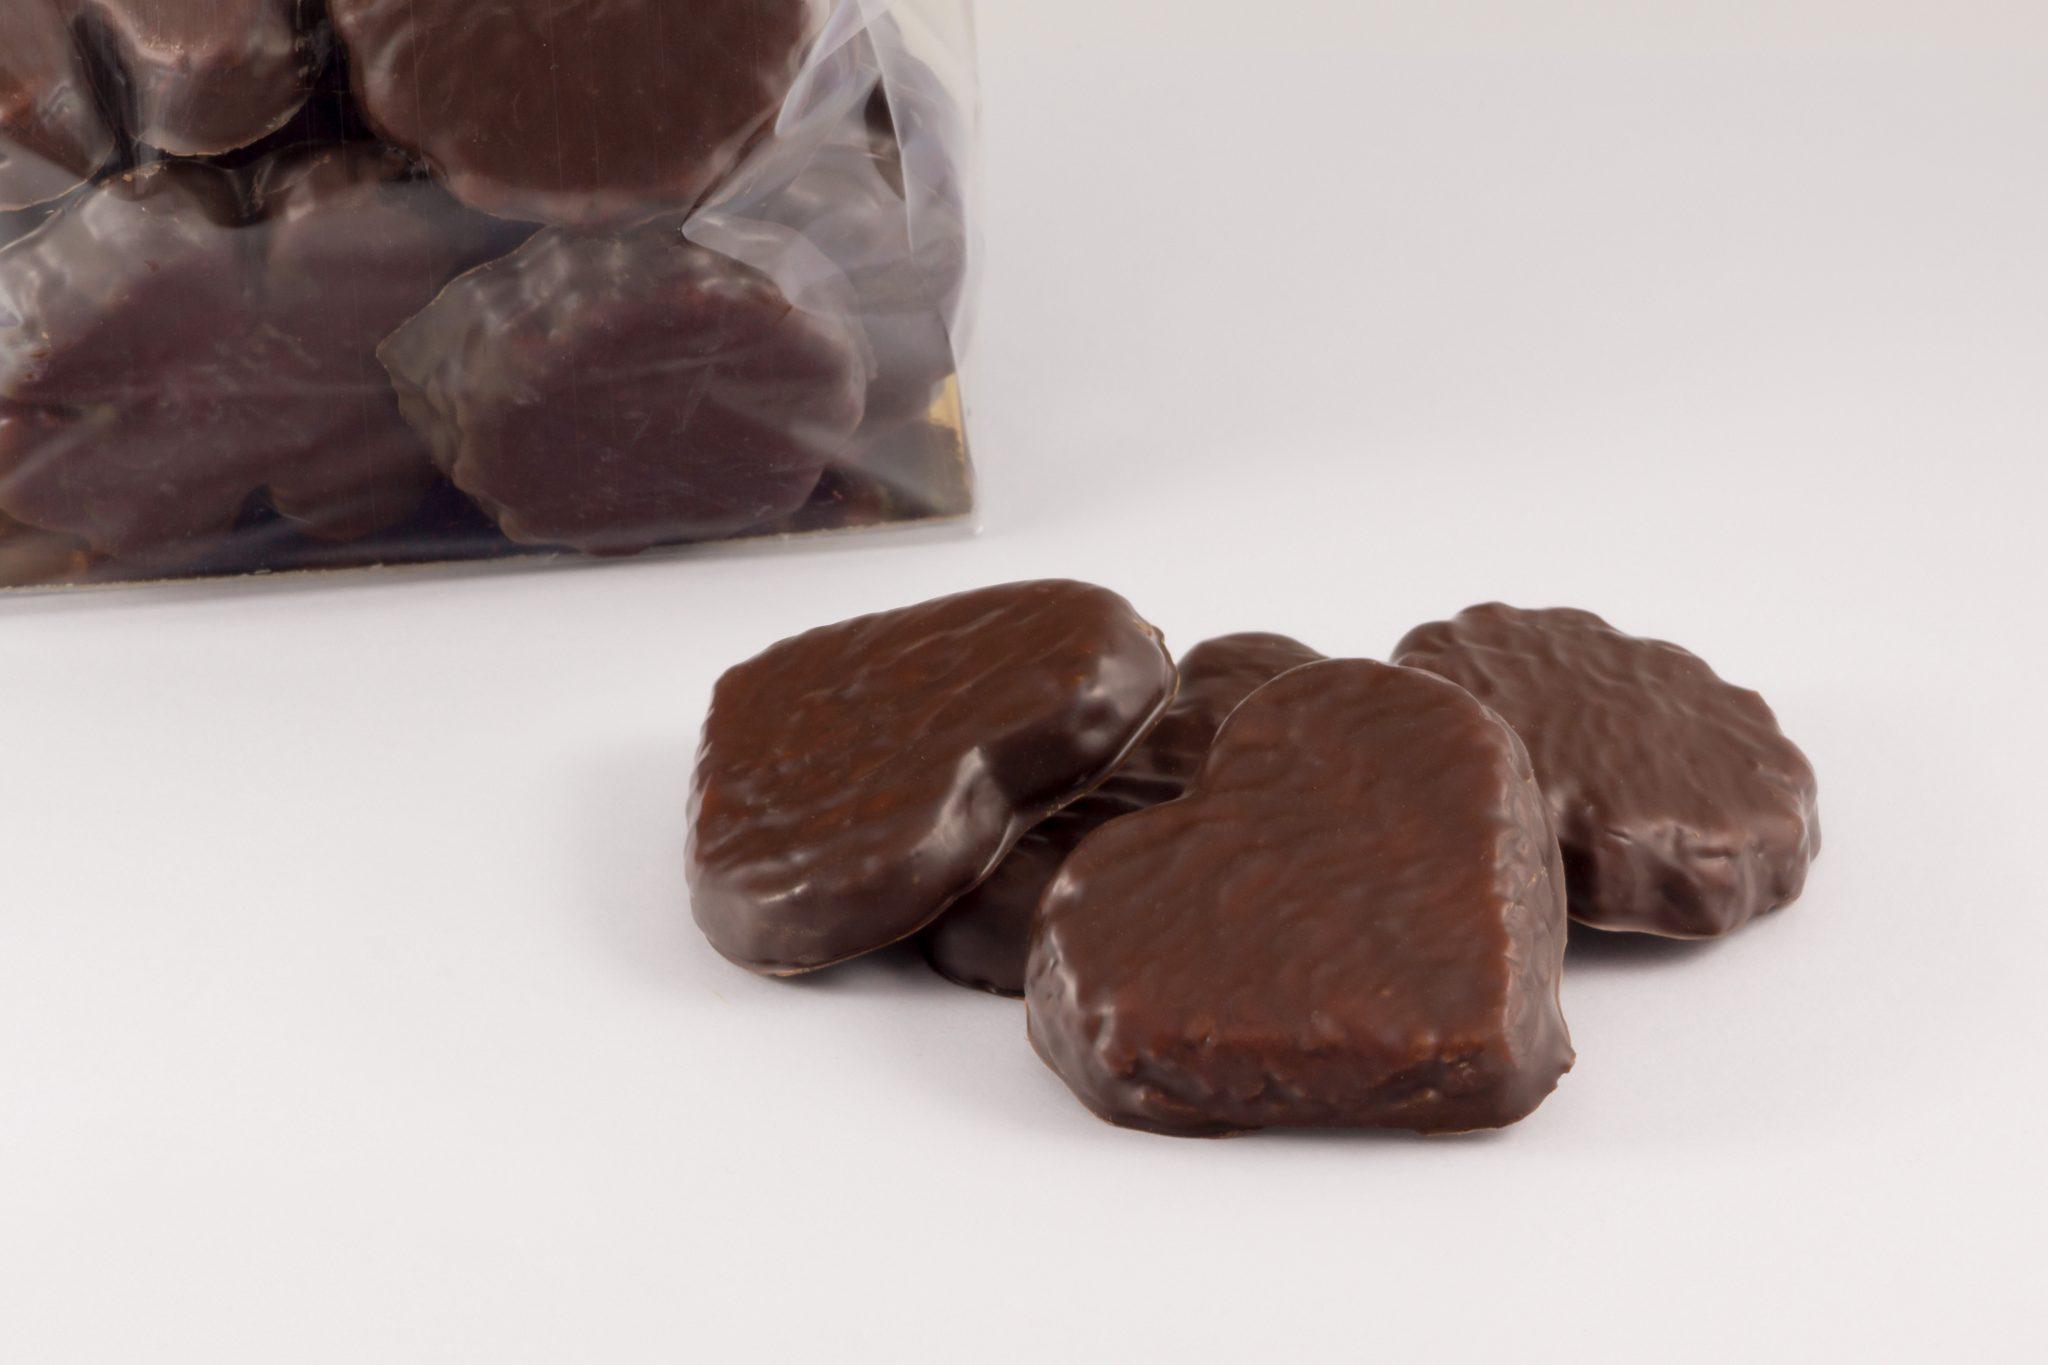 ciastka w czekoladzie deserowej cukiernia ostrów wielkopolski